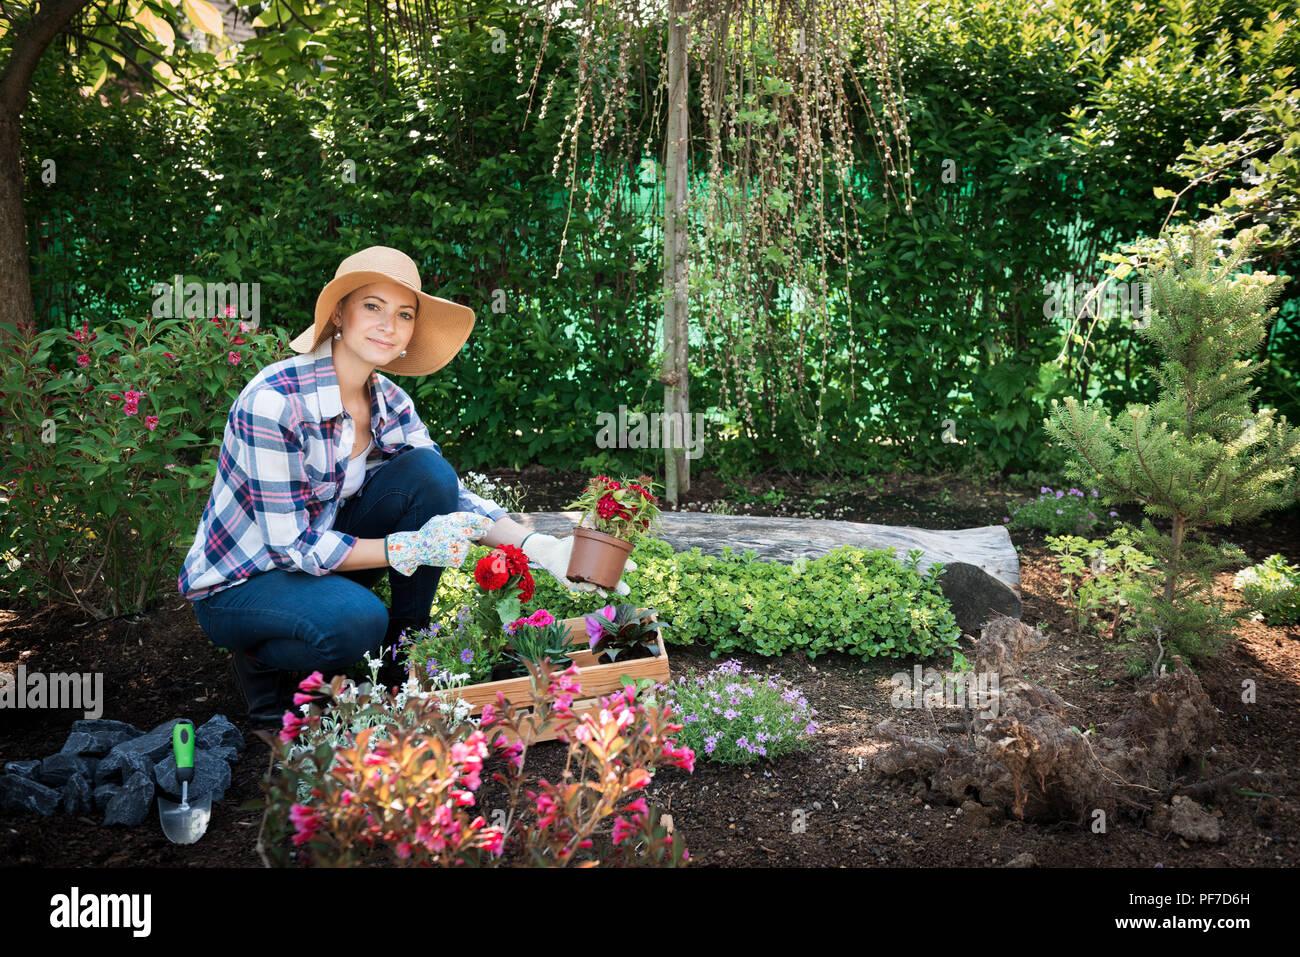 Belle femme jardinier looking at camera, holding Flowers prêt à être planté dans son jardin. Concept de jardinage. Photo Stock